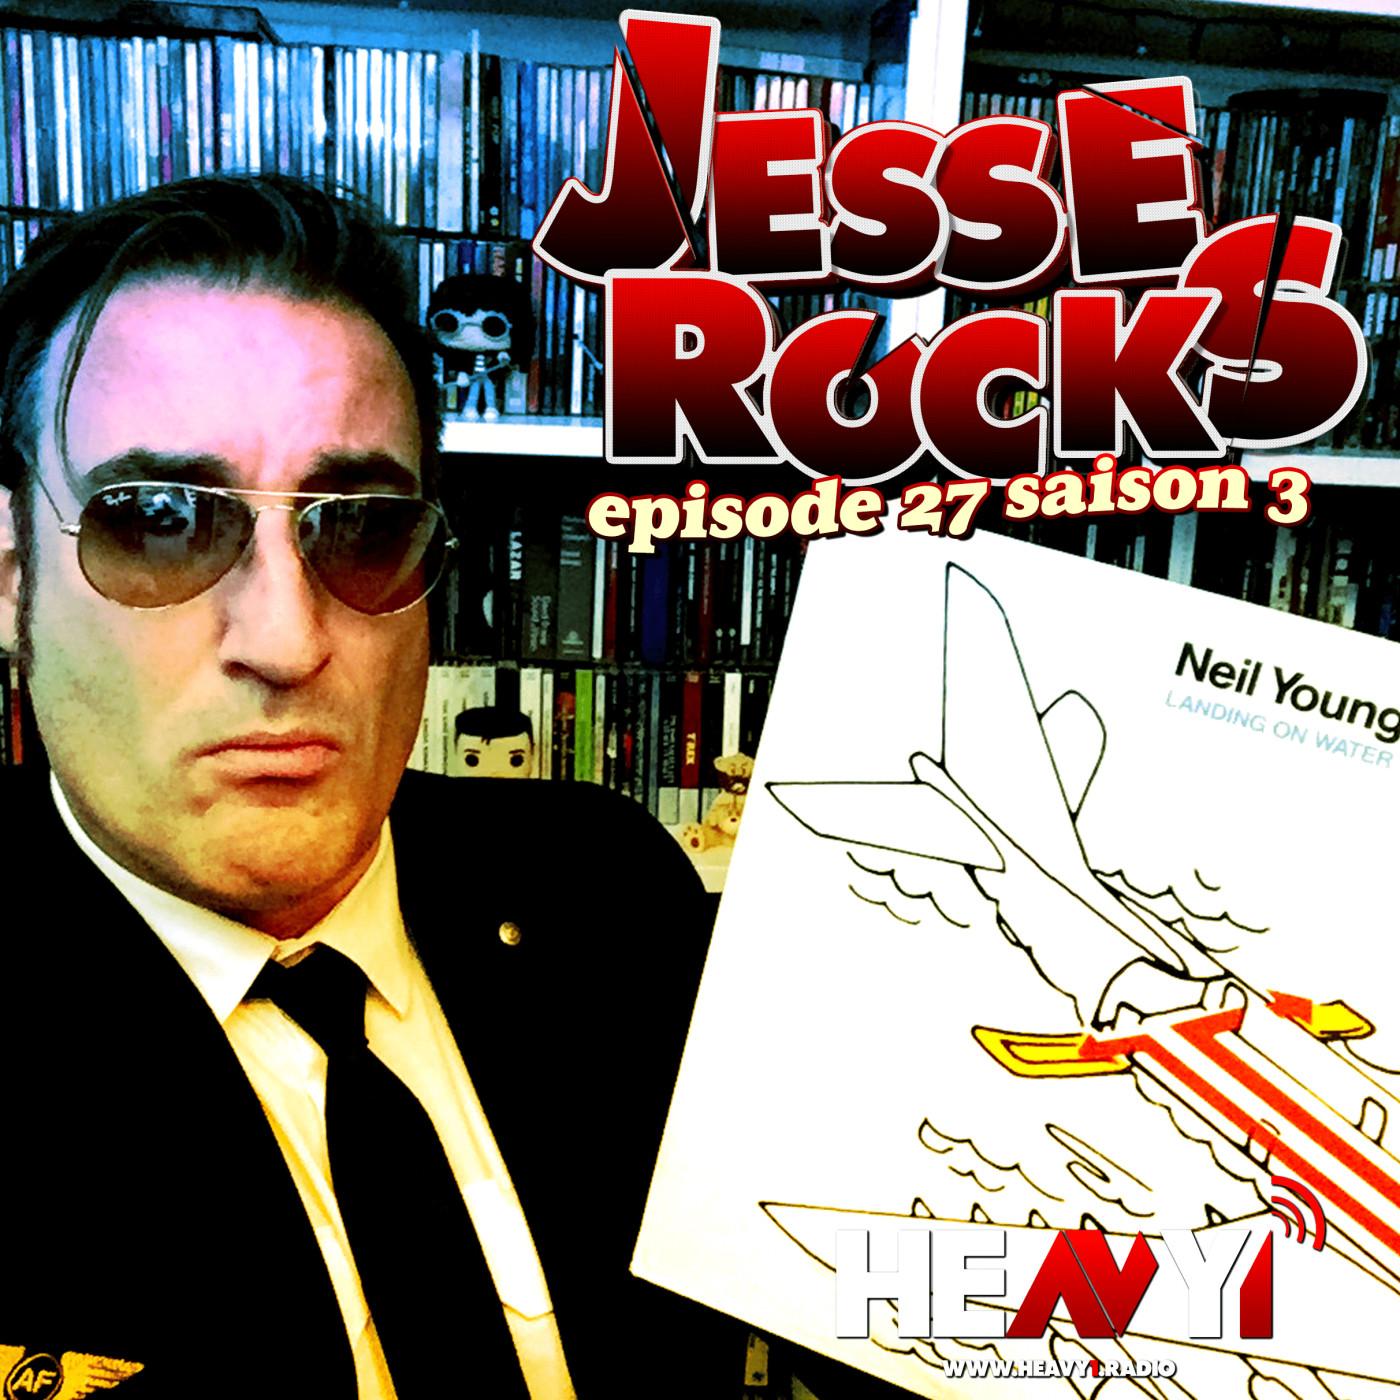 Jesse Rocks #27 Saison 3